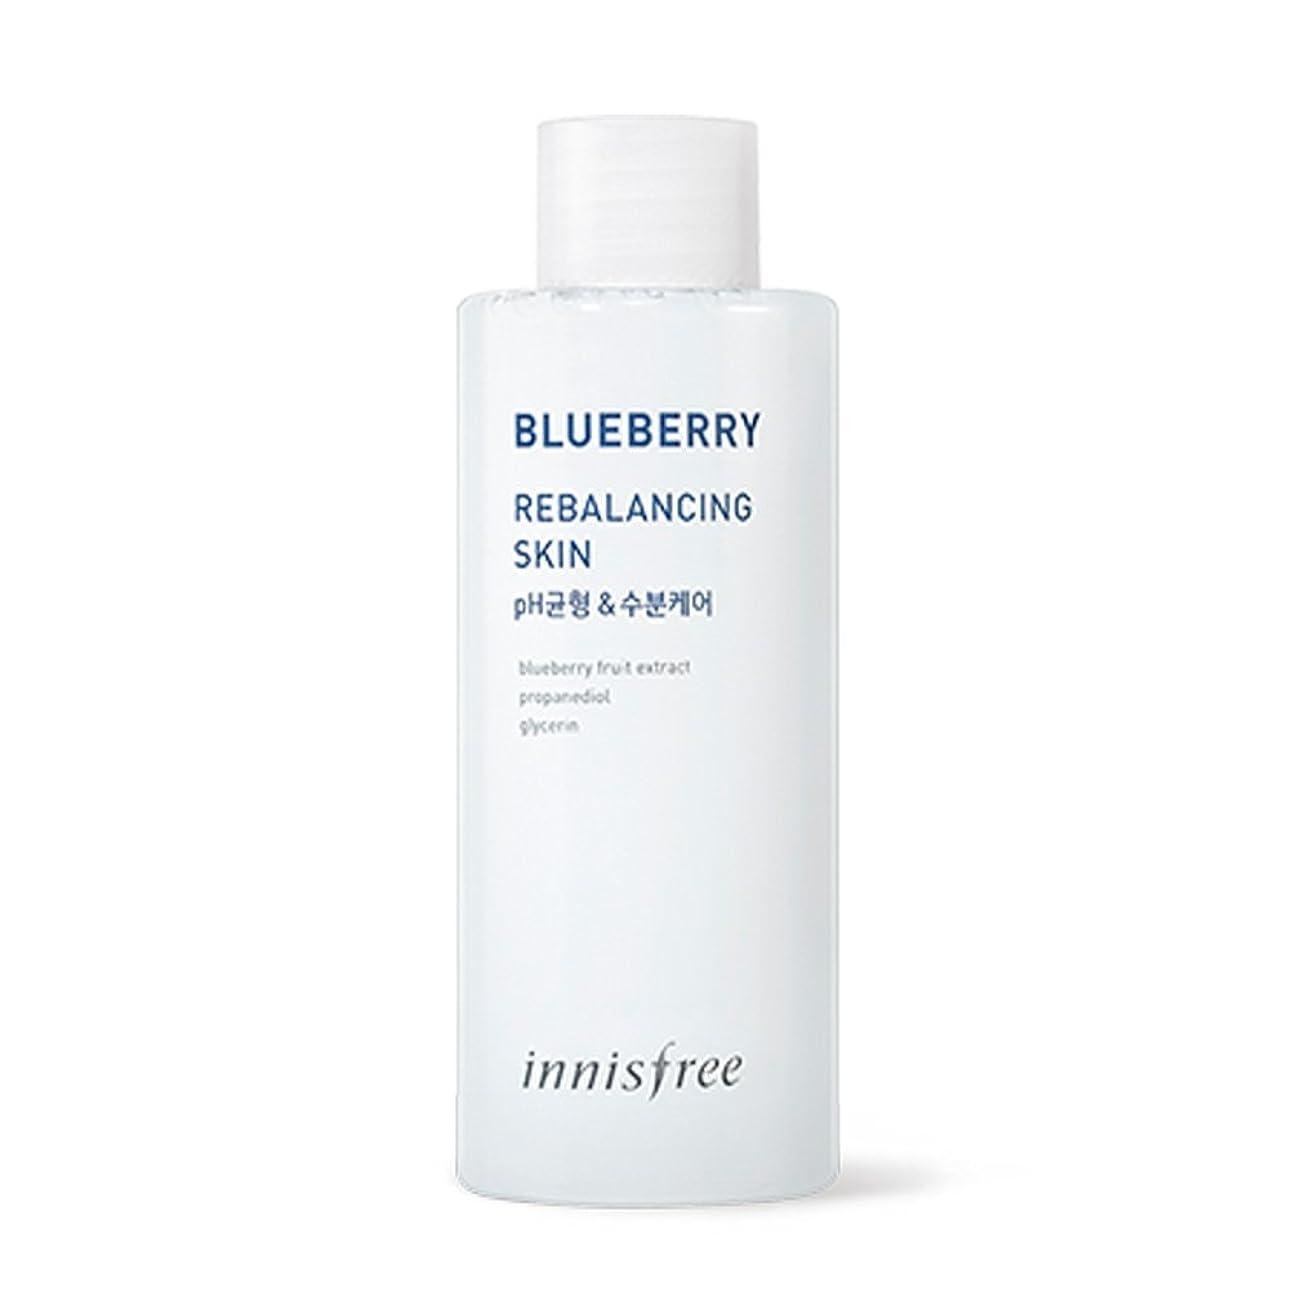 調査芝生ガイドイニスフリーブルーベリーリバランススキン(トナー)150ml Innisfree Blueberry Rebalancing Skin (Toner) 150ml [海外直送品] [並行輸入品]